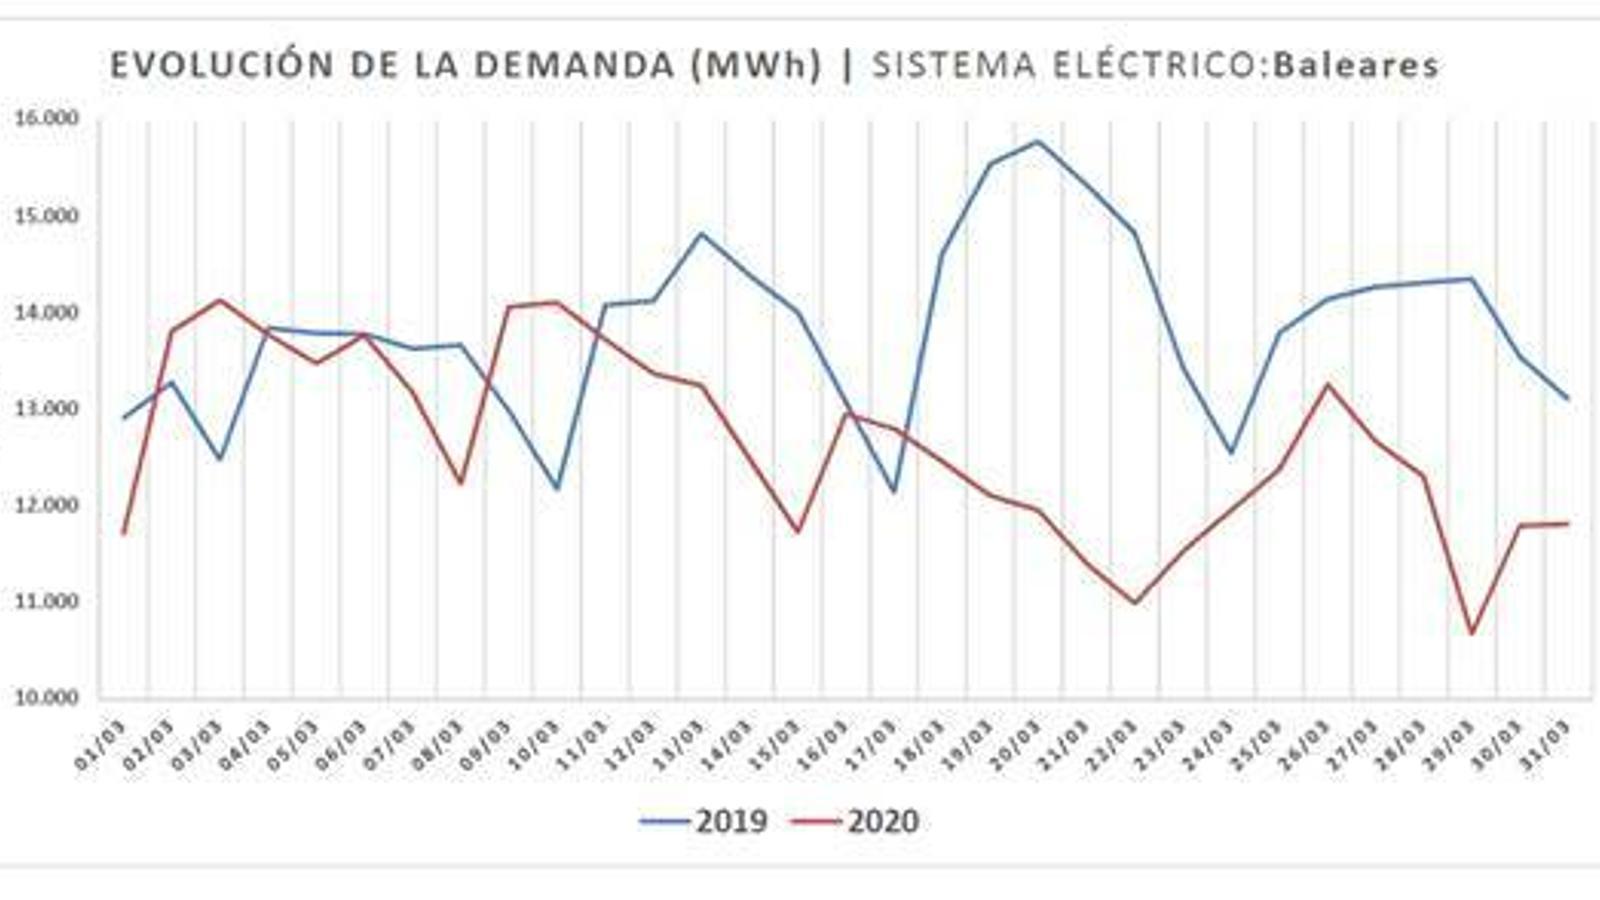 Evolució de la demanda elèctica a les Illes Balears